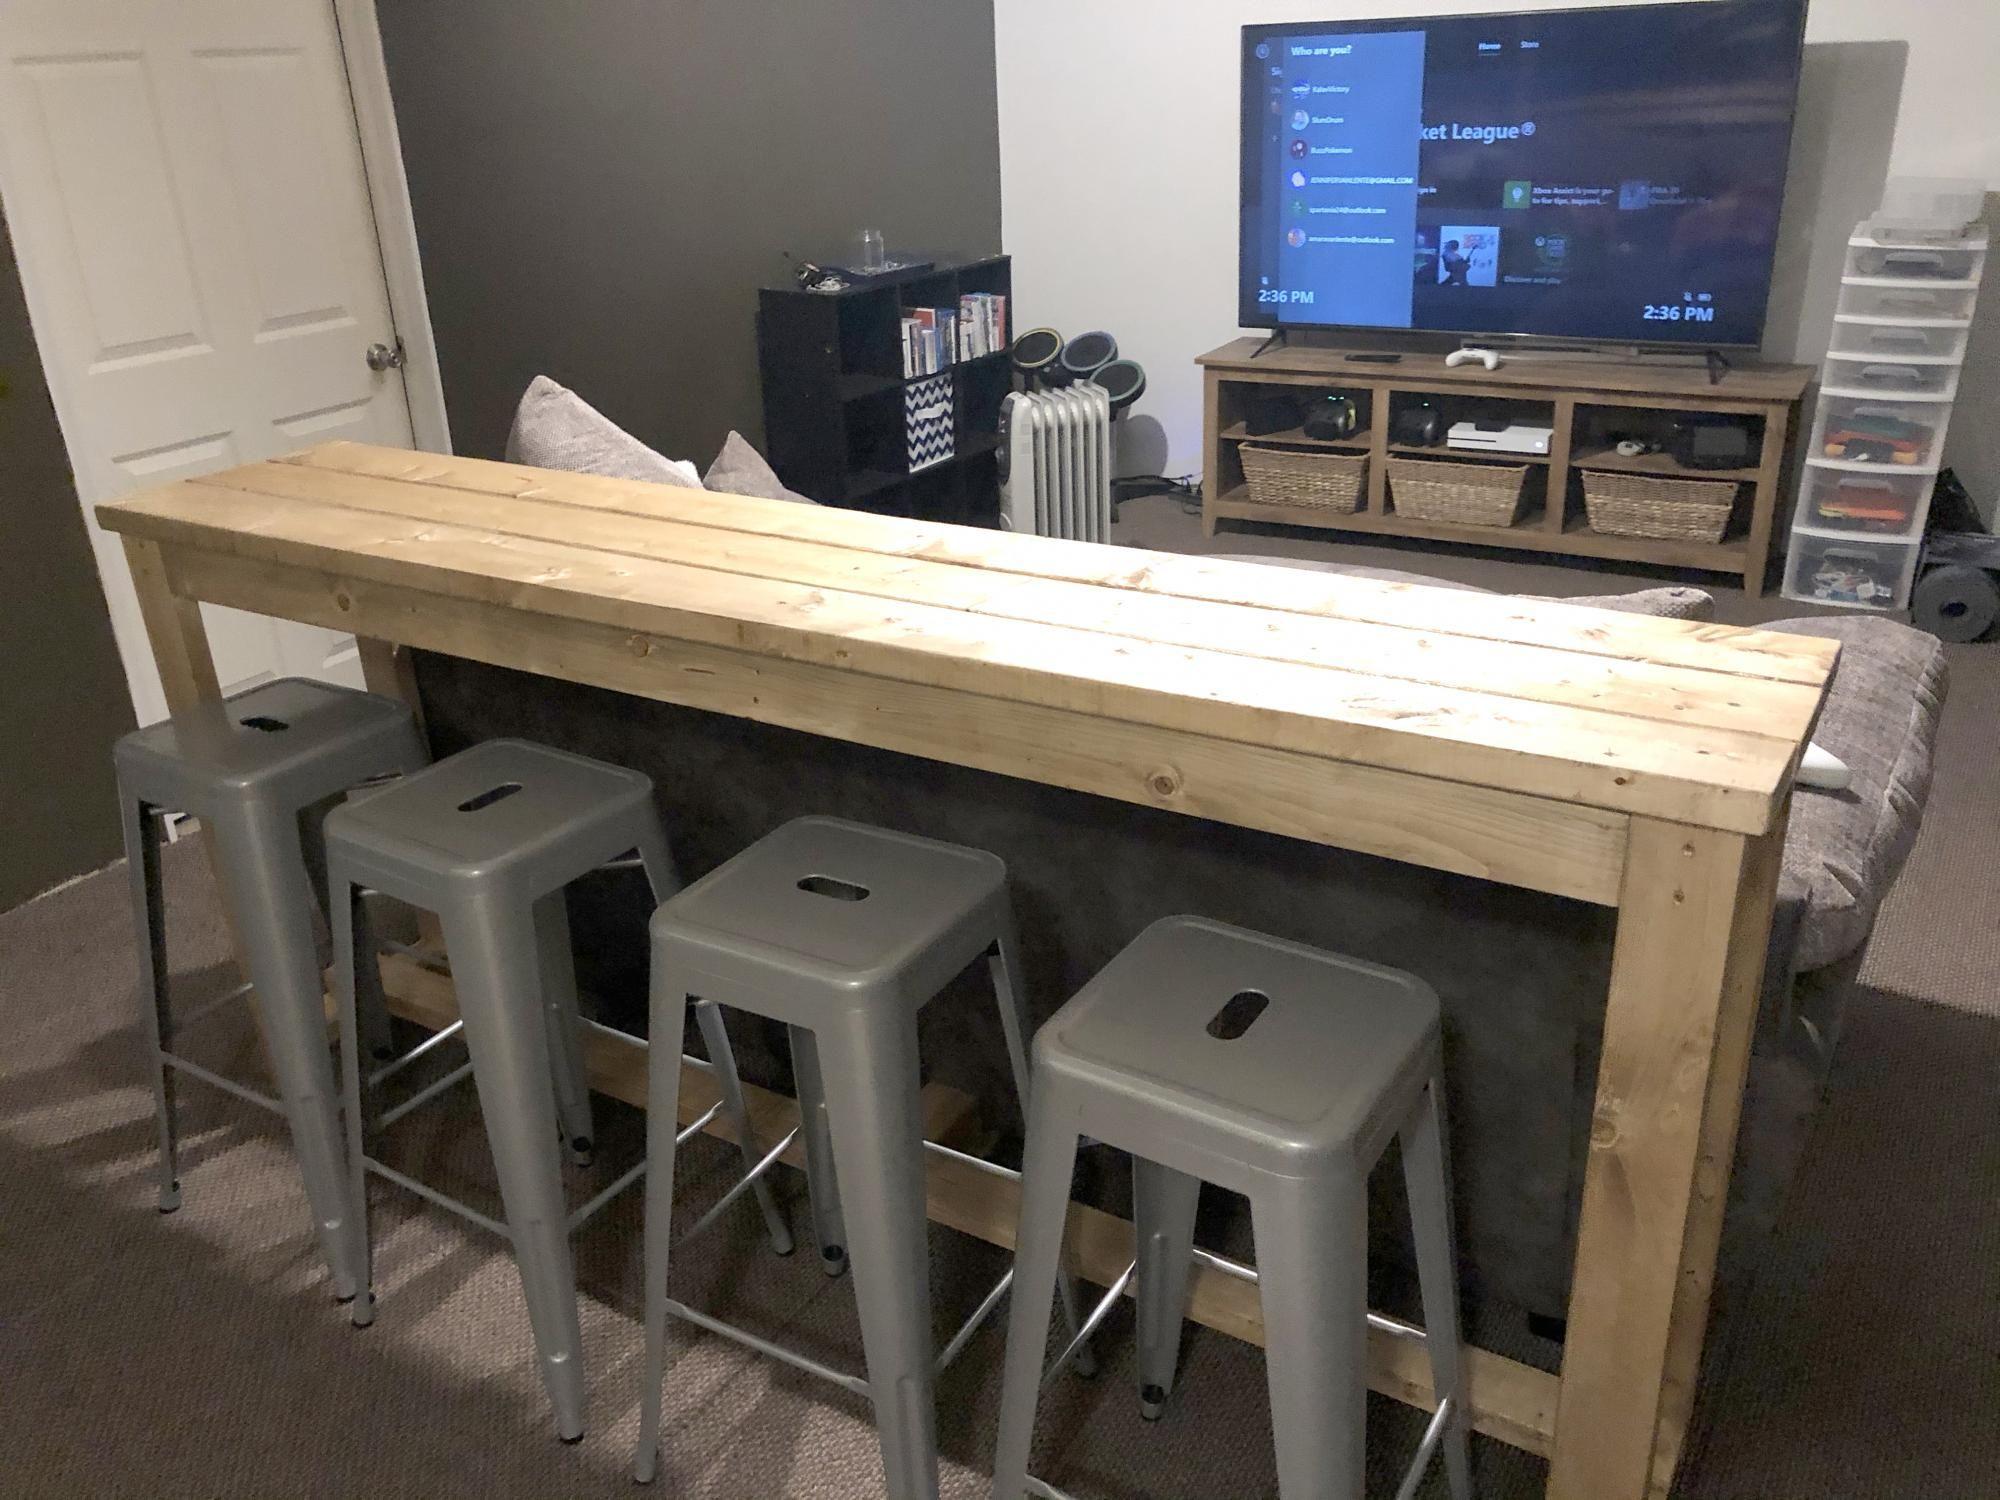 Basement Sofa Table Bar Ana White In 2020 Sofa Table White Bar Table White Sofa Table